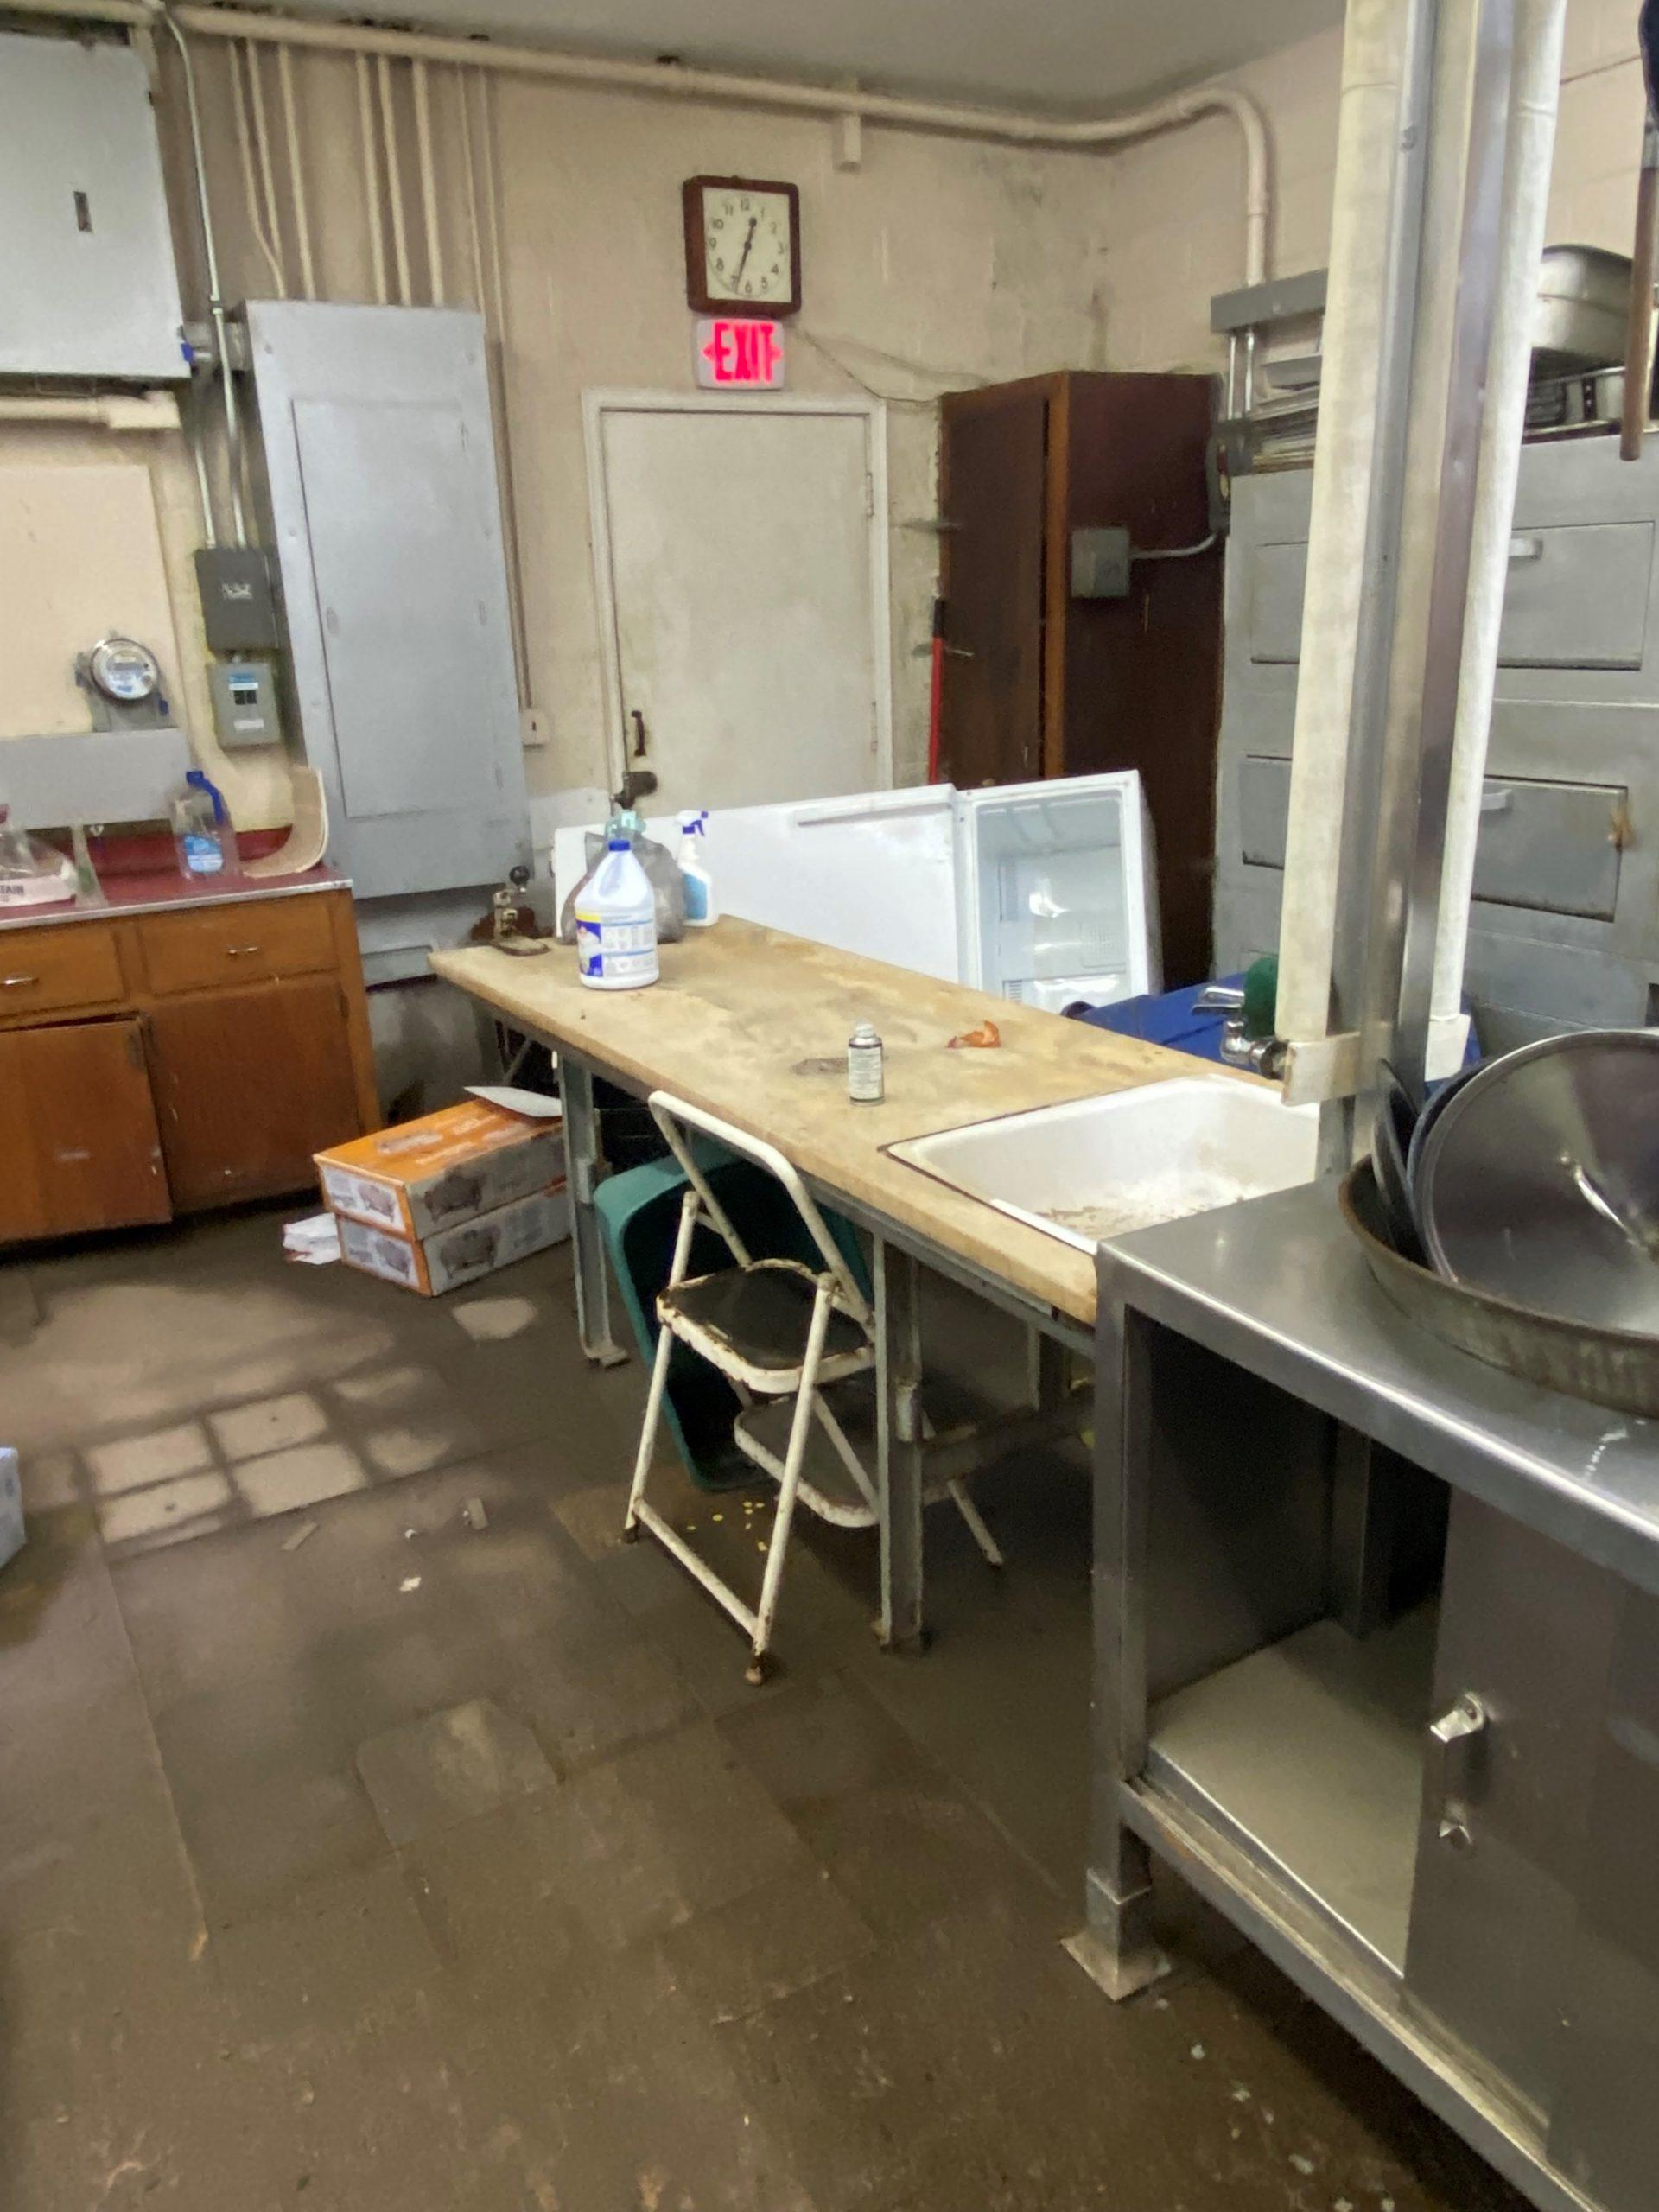 Flood in kitchen at Resurrection UMC